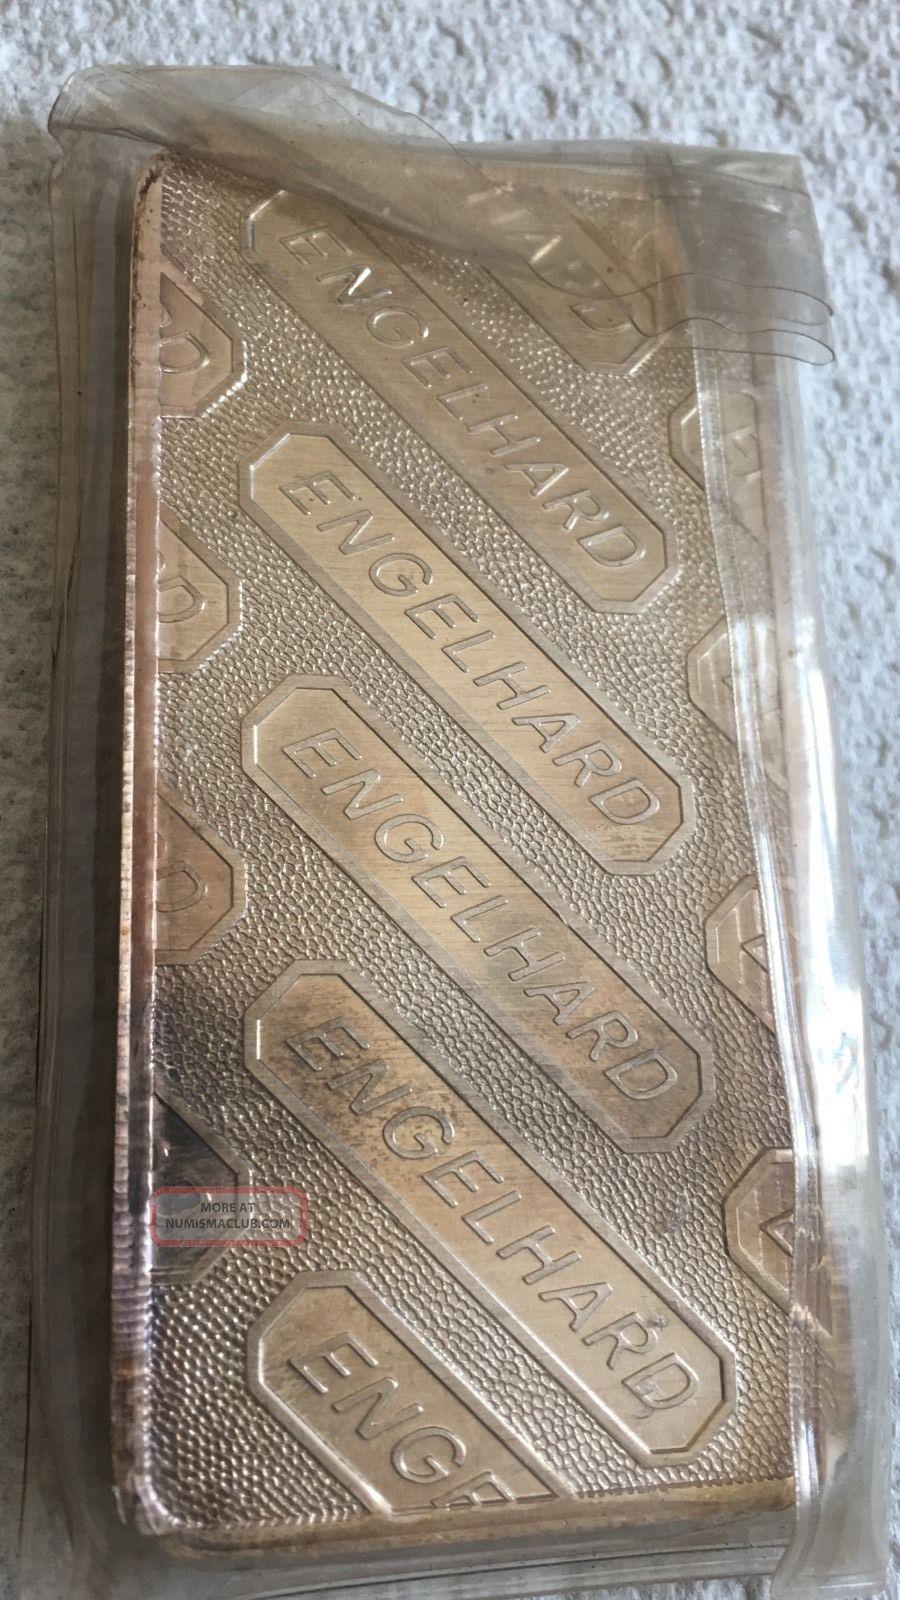 10 Oz Engelhard Silver Bar 10 Troy Ounces 999 Fine Silver